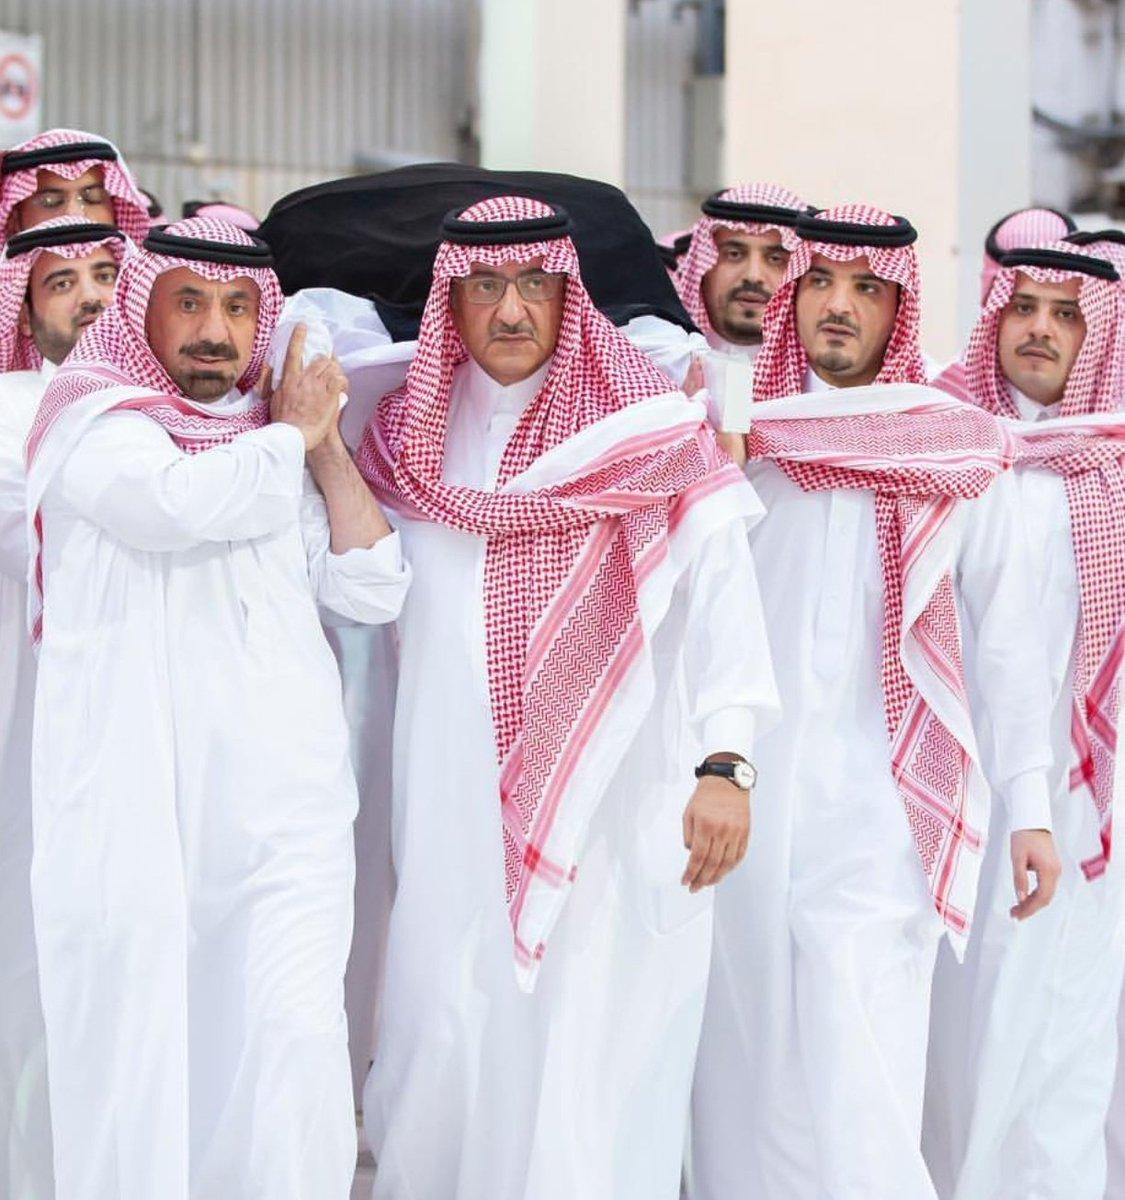 صاحب السمو الملكي الأمير #محمد_بن_نايف خلال تشييع والدته #الجوهرة_بنت_عبدالعزيز_بن_مساعد رحمها الله